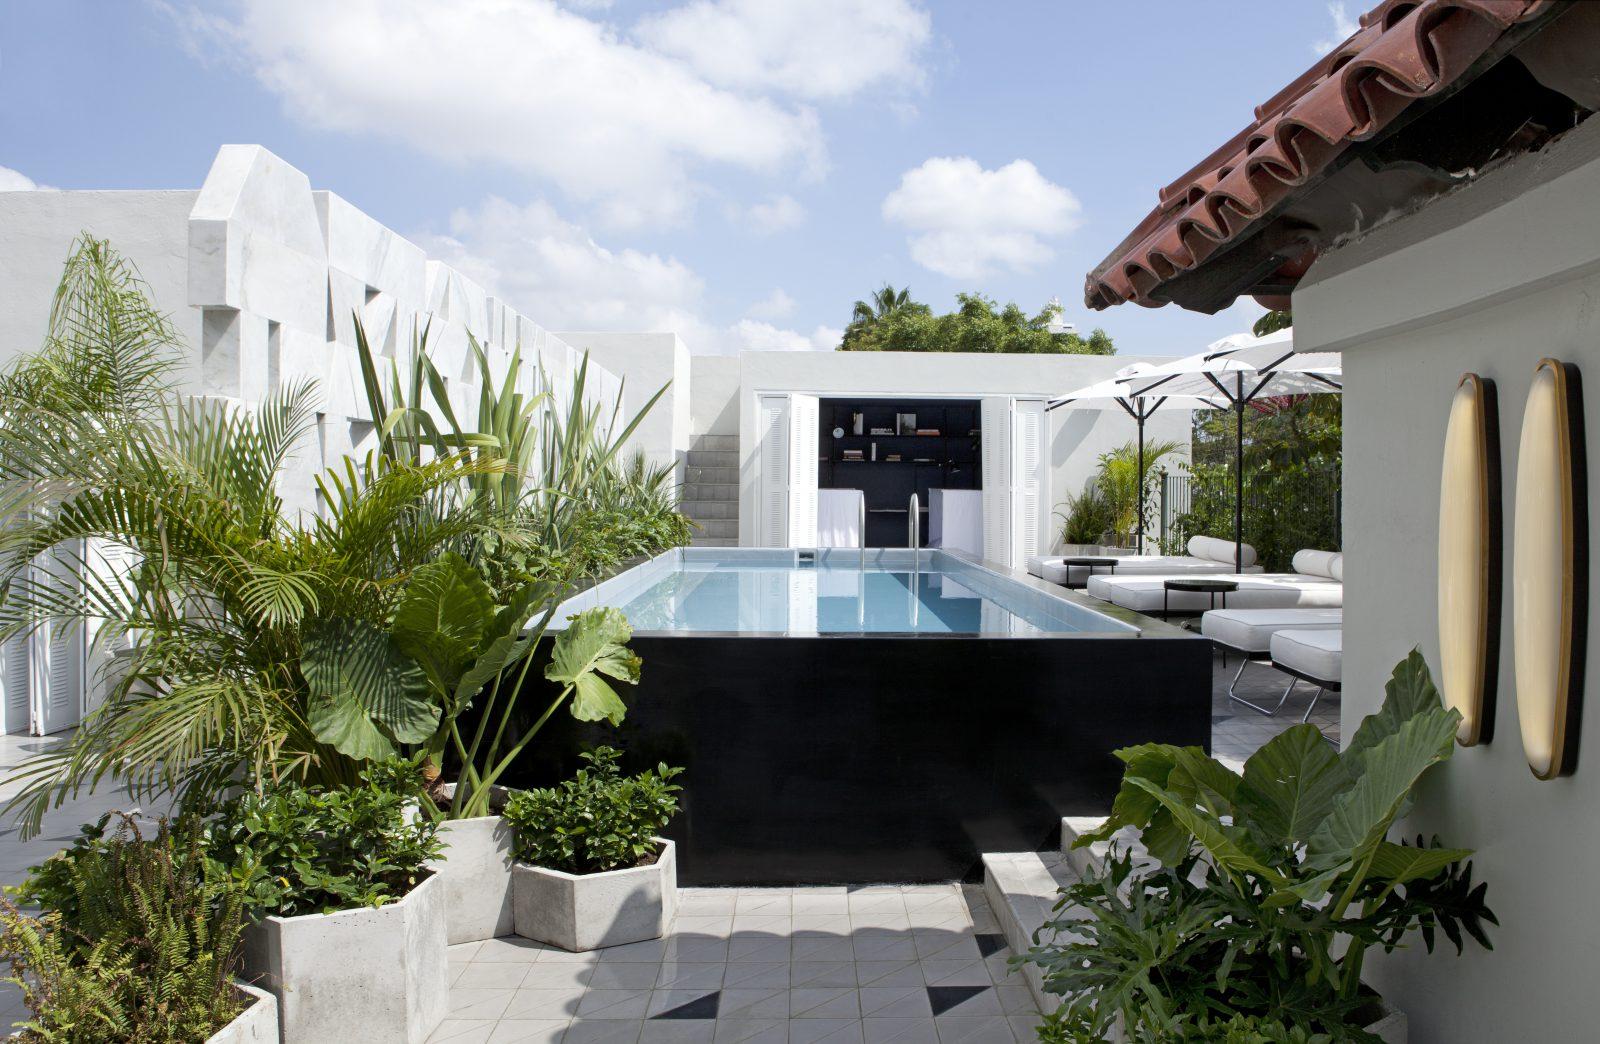 Guadalajara 39 s new delight casa fayette inmexico for Terrazas con alberca